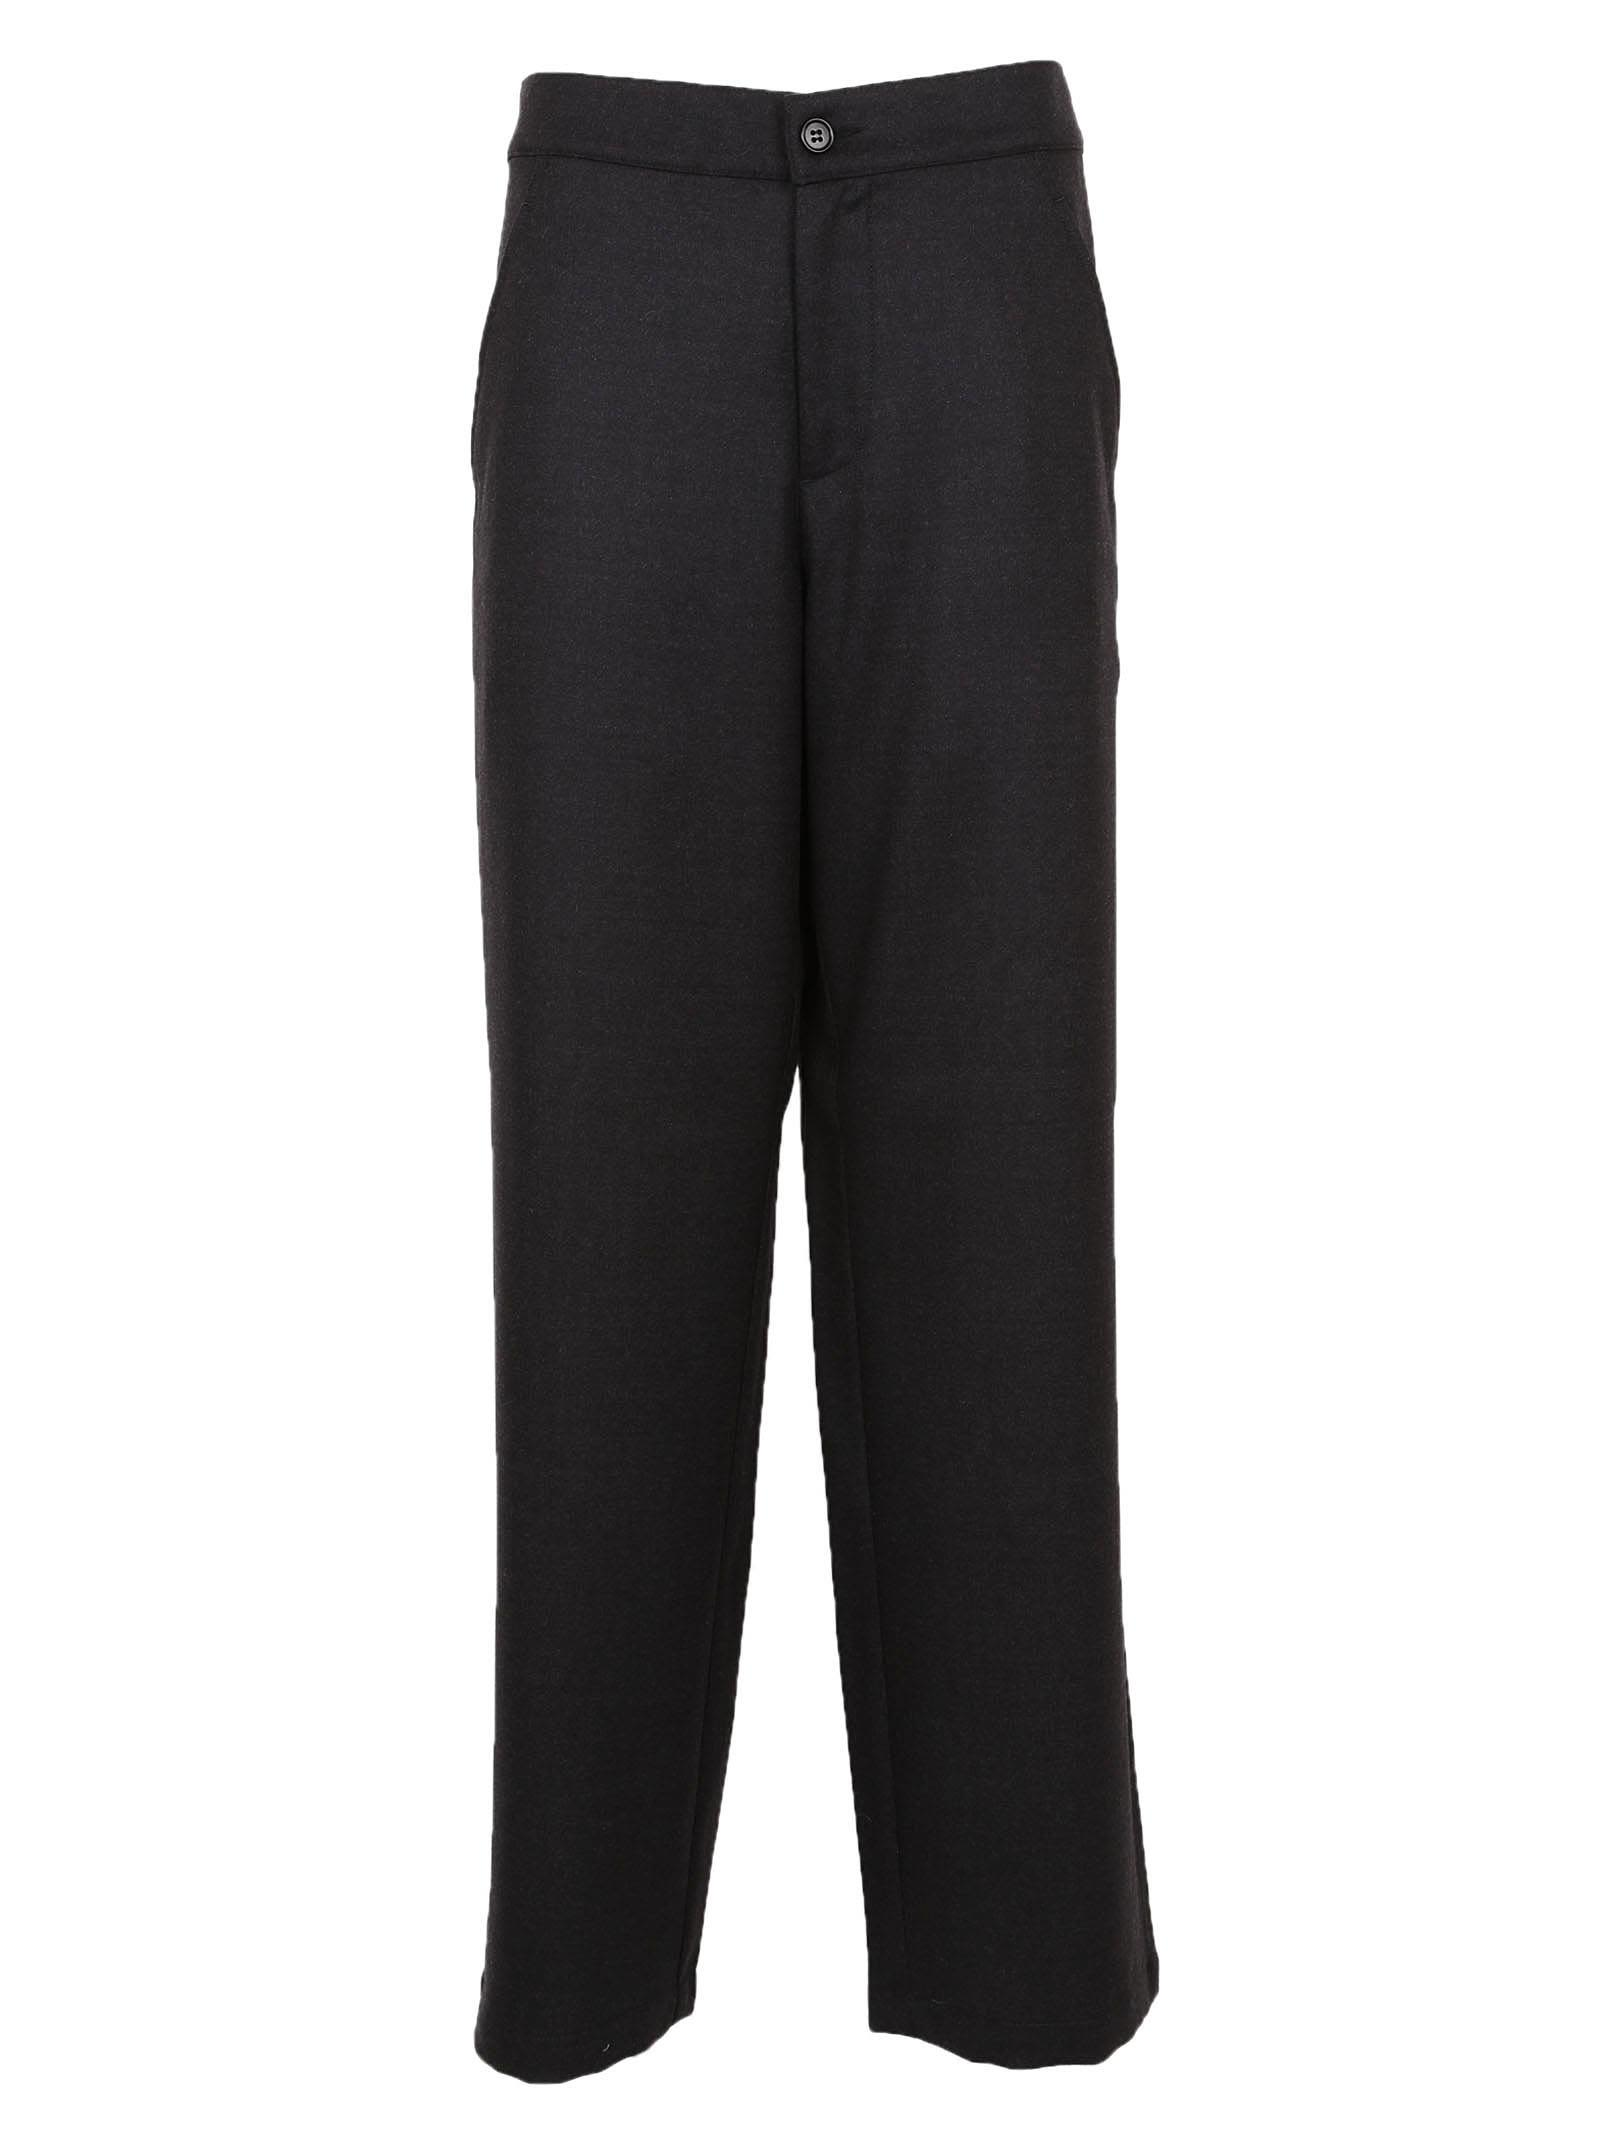 Barena Venezia Straight Leg Trousers